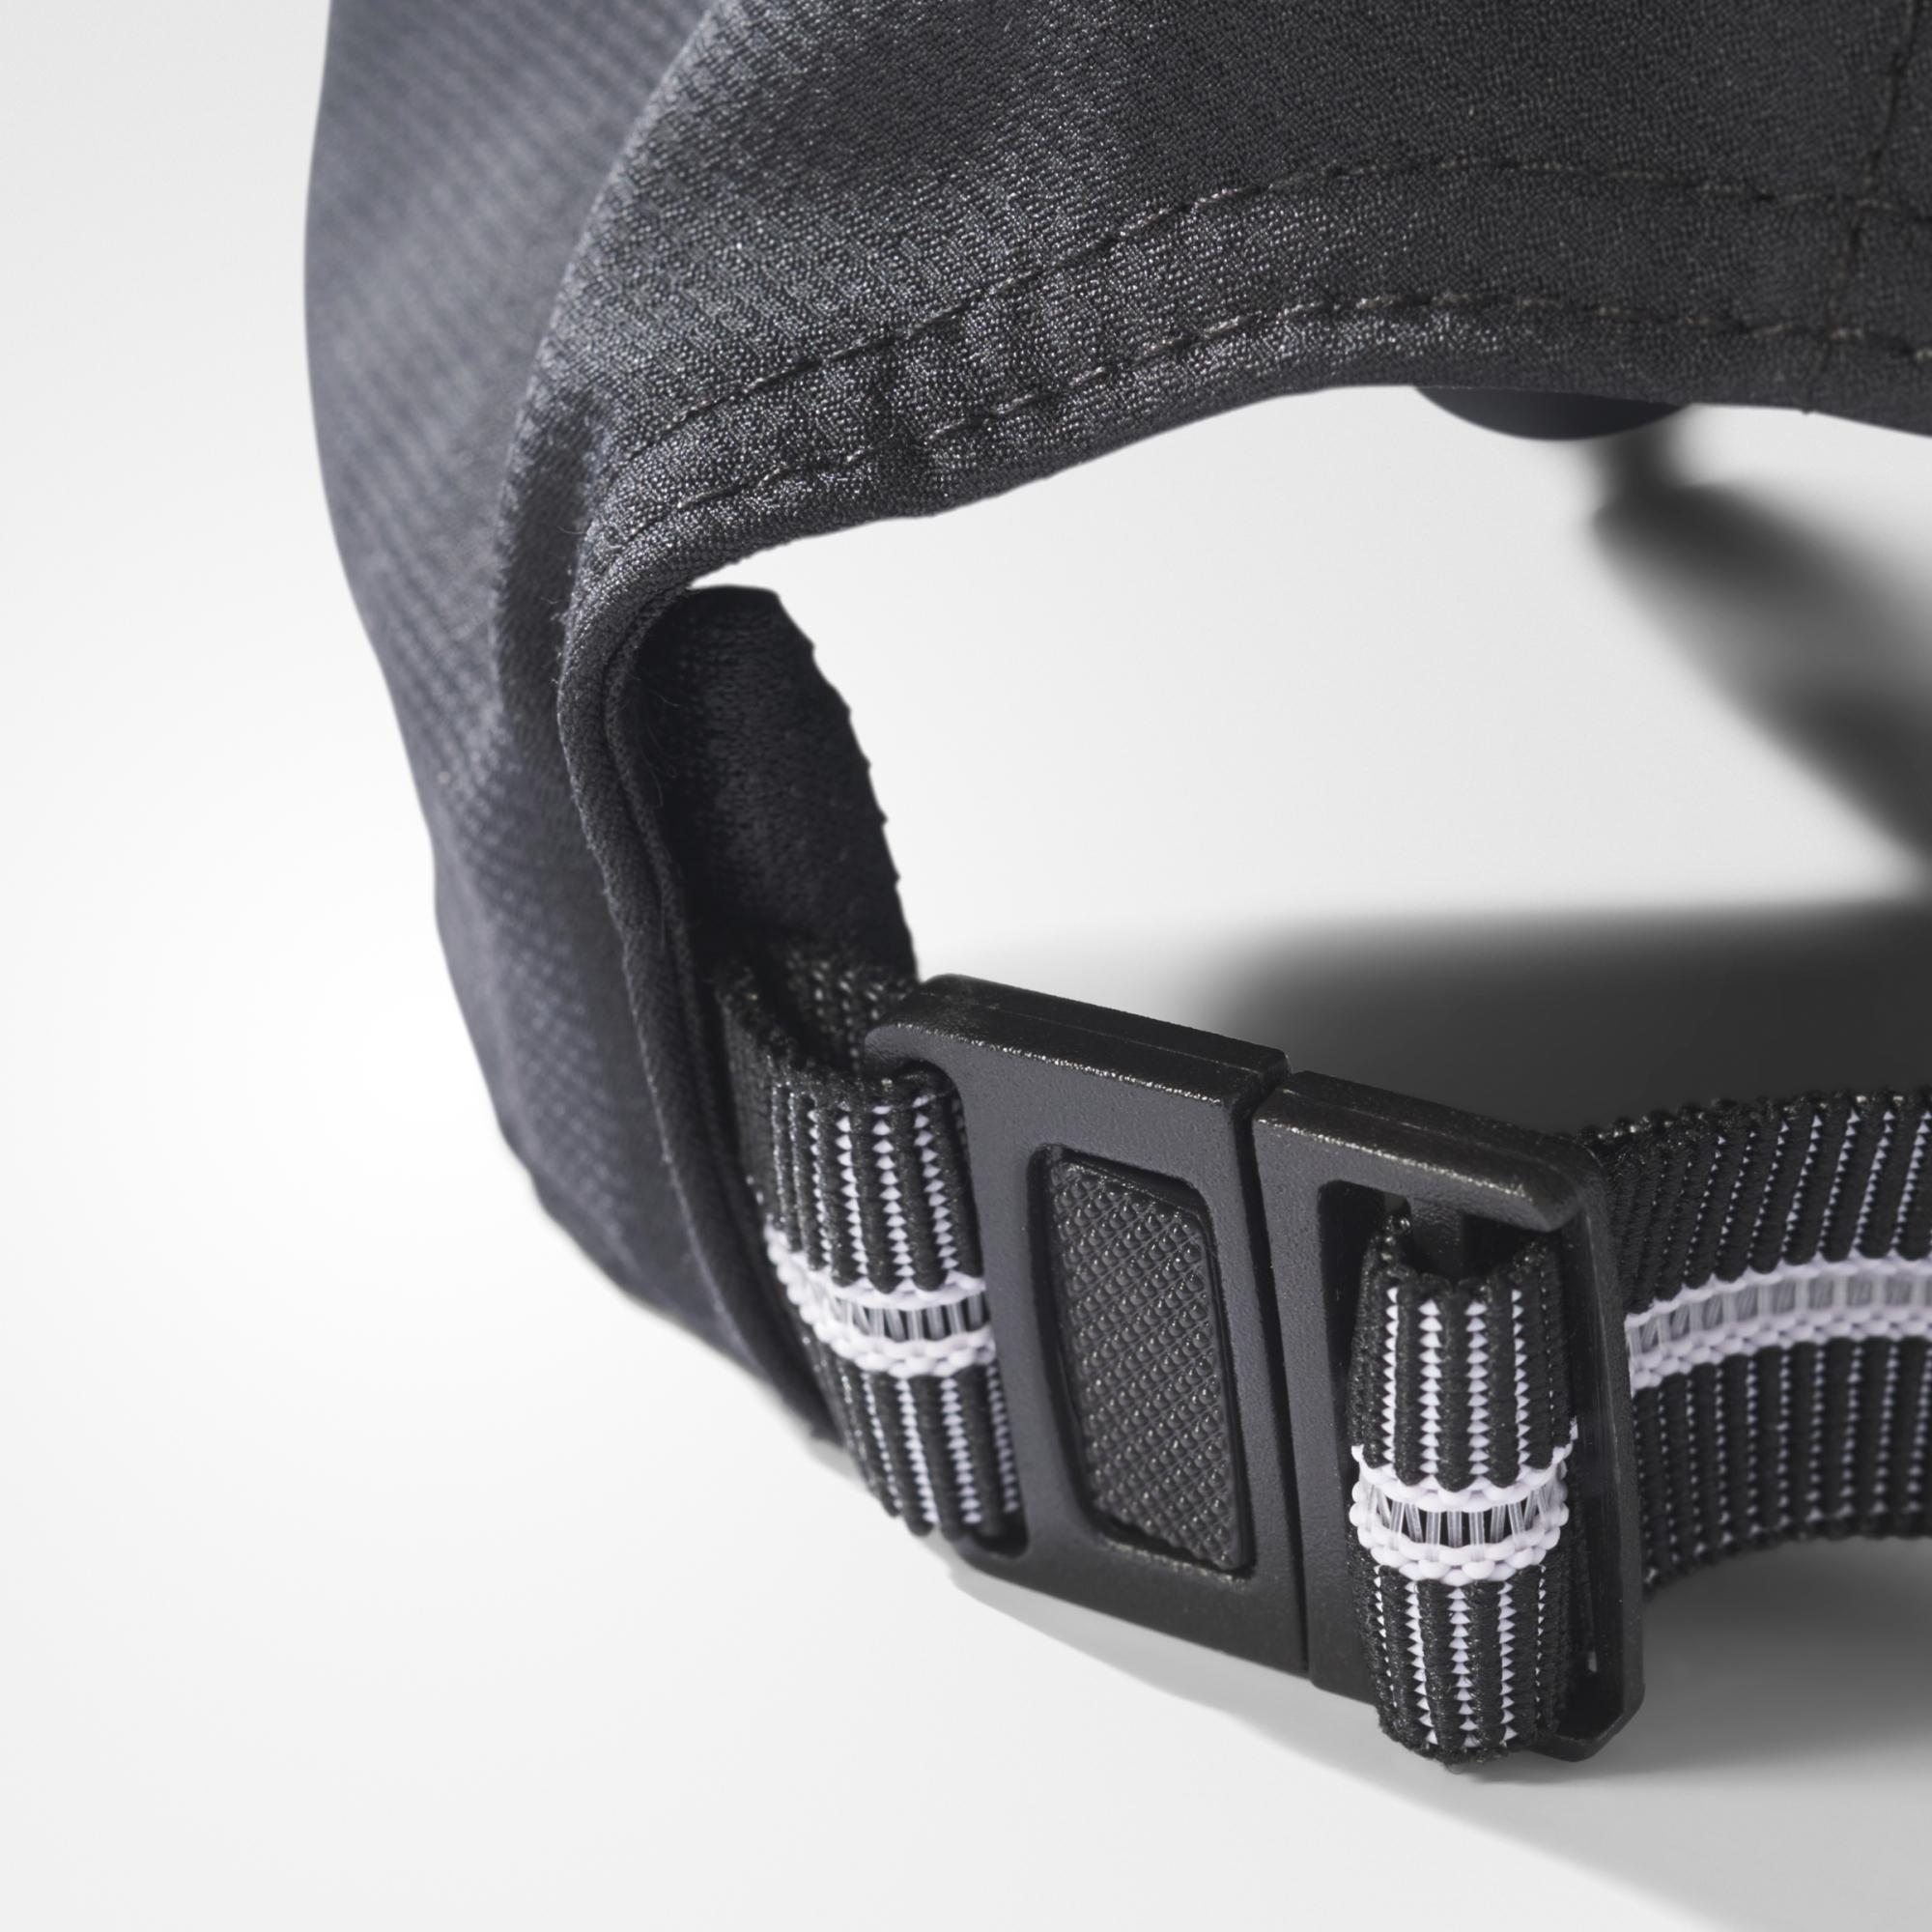 87c093325d0 Adidas Classic Six-Panel Climalite Cap - Black - Tennisnuts.com